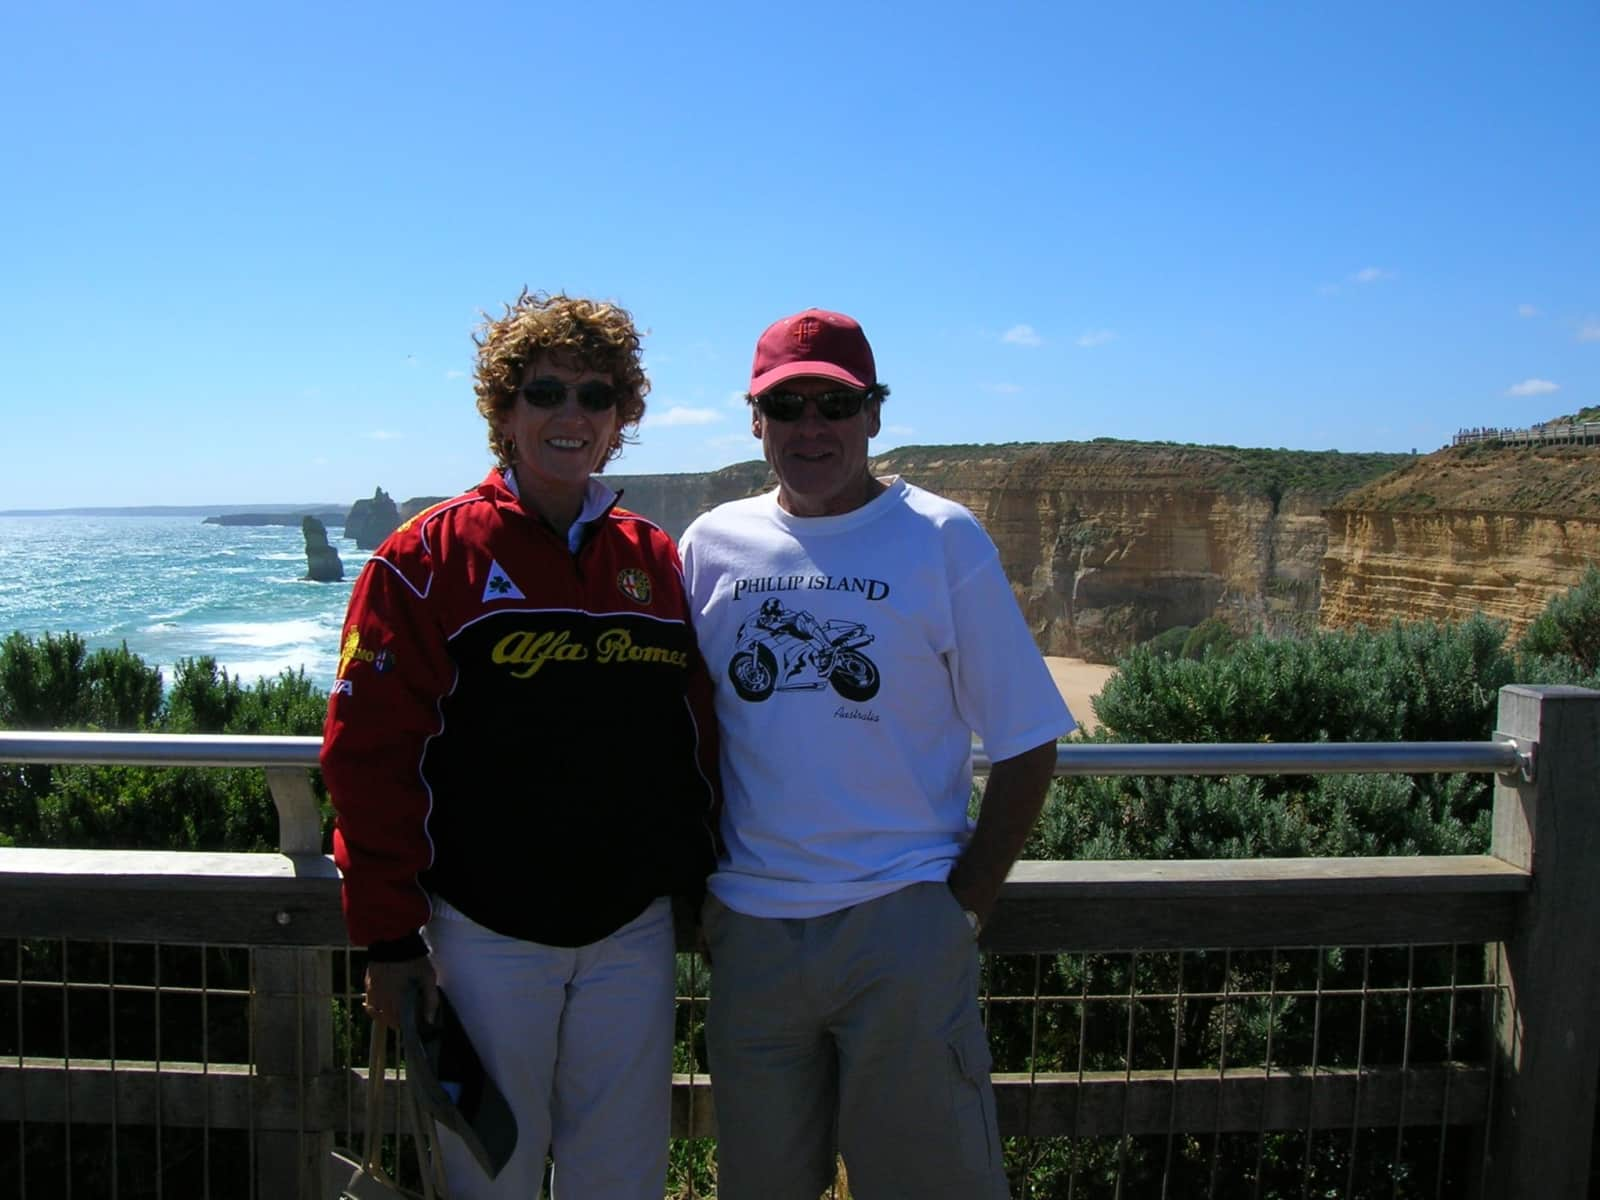 Ken & Jillian from Sydney, New South Wales, Australia